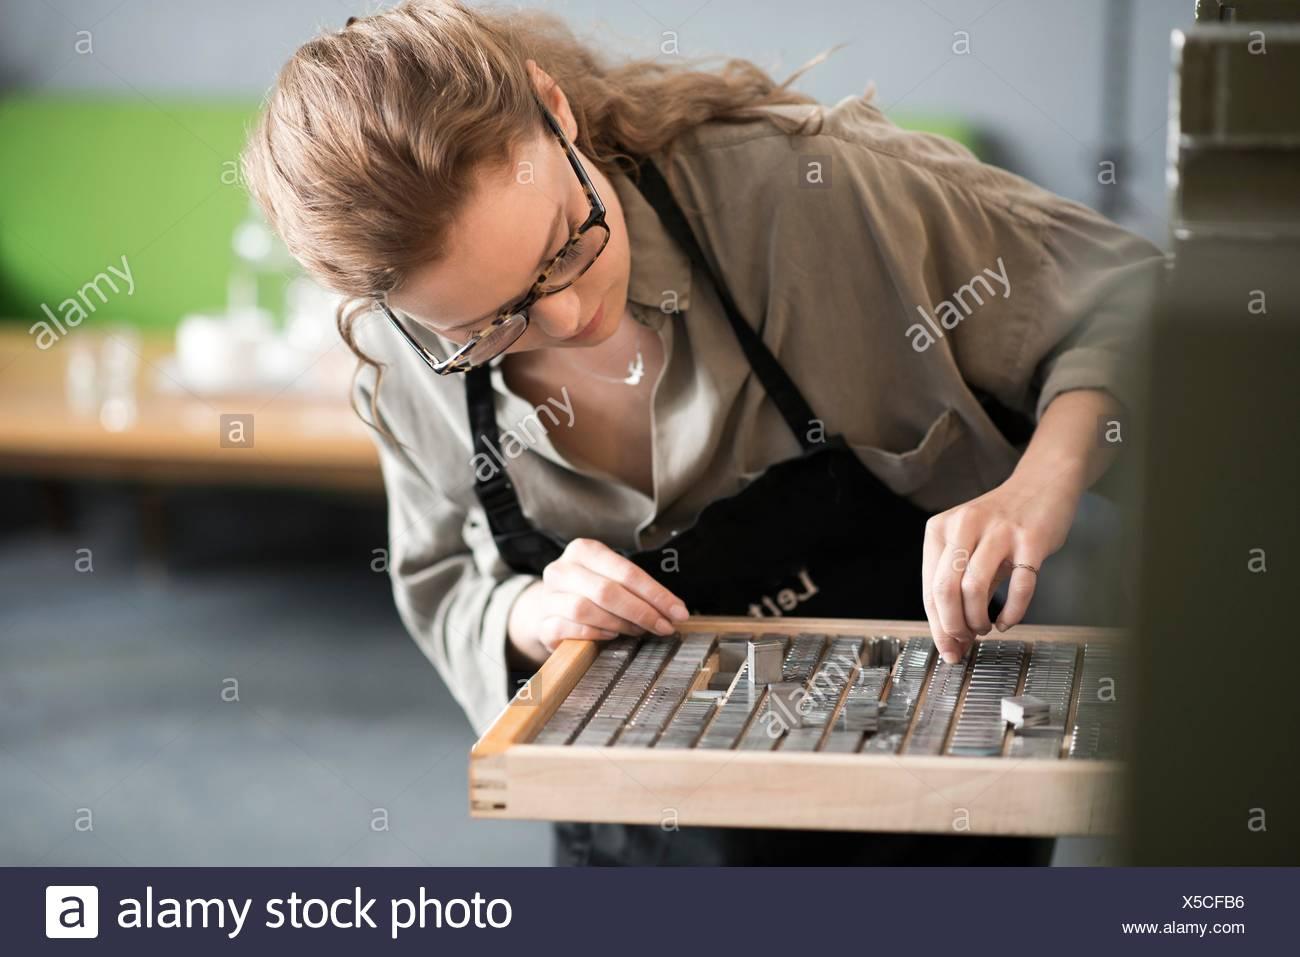 Le choix de la typographie à partir de la femme dans l'atelier d'impression bac Photo Stock